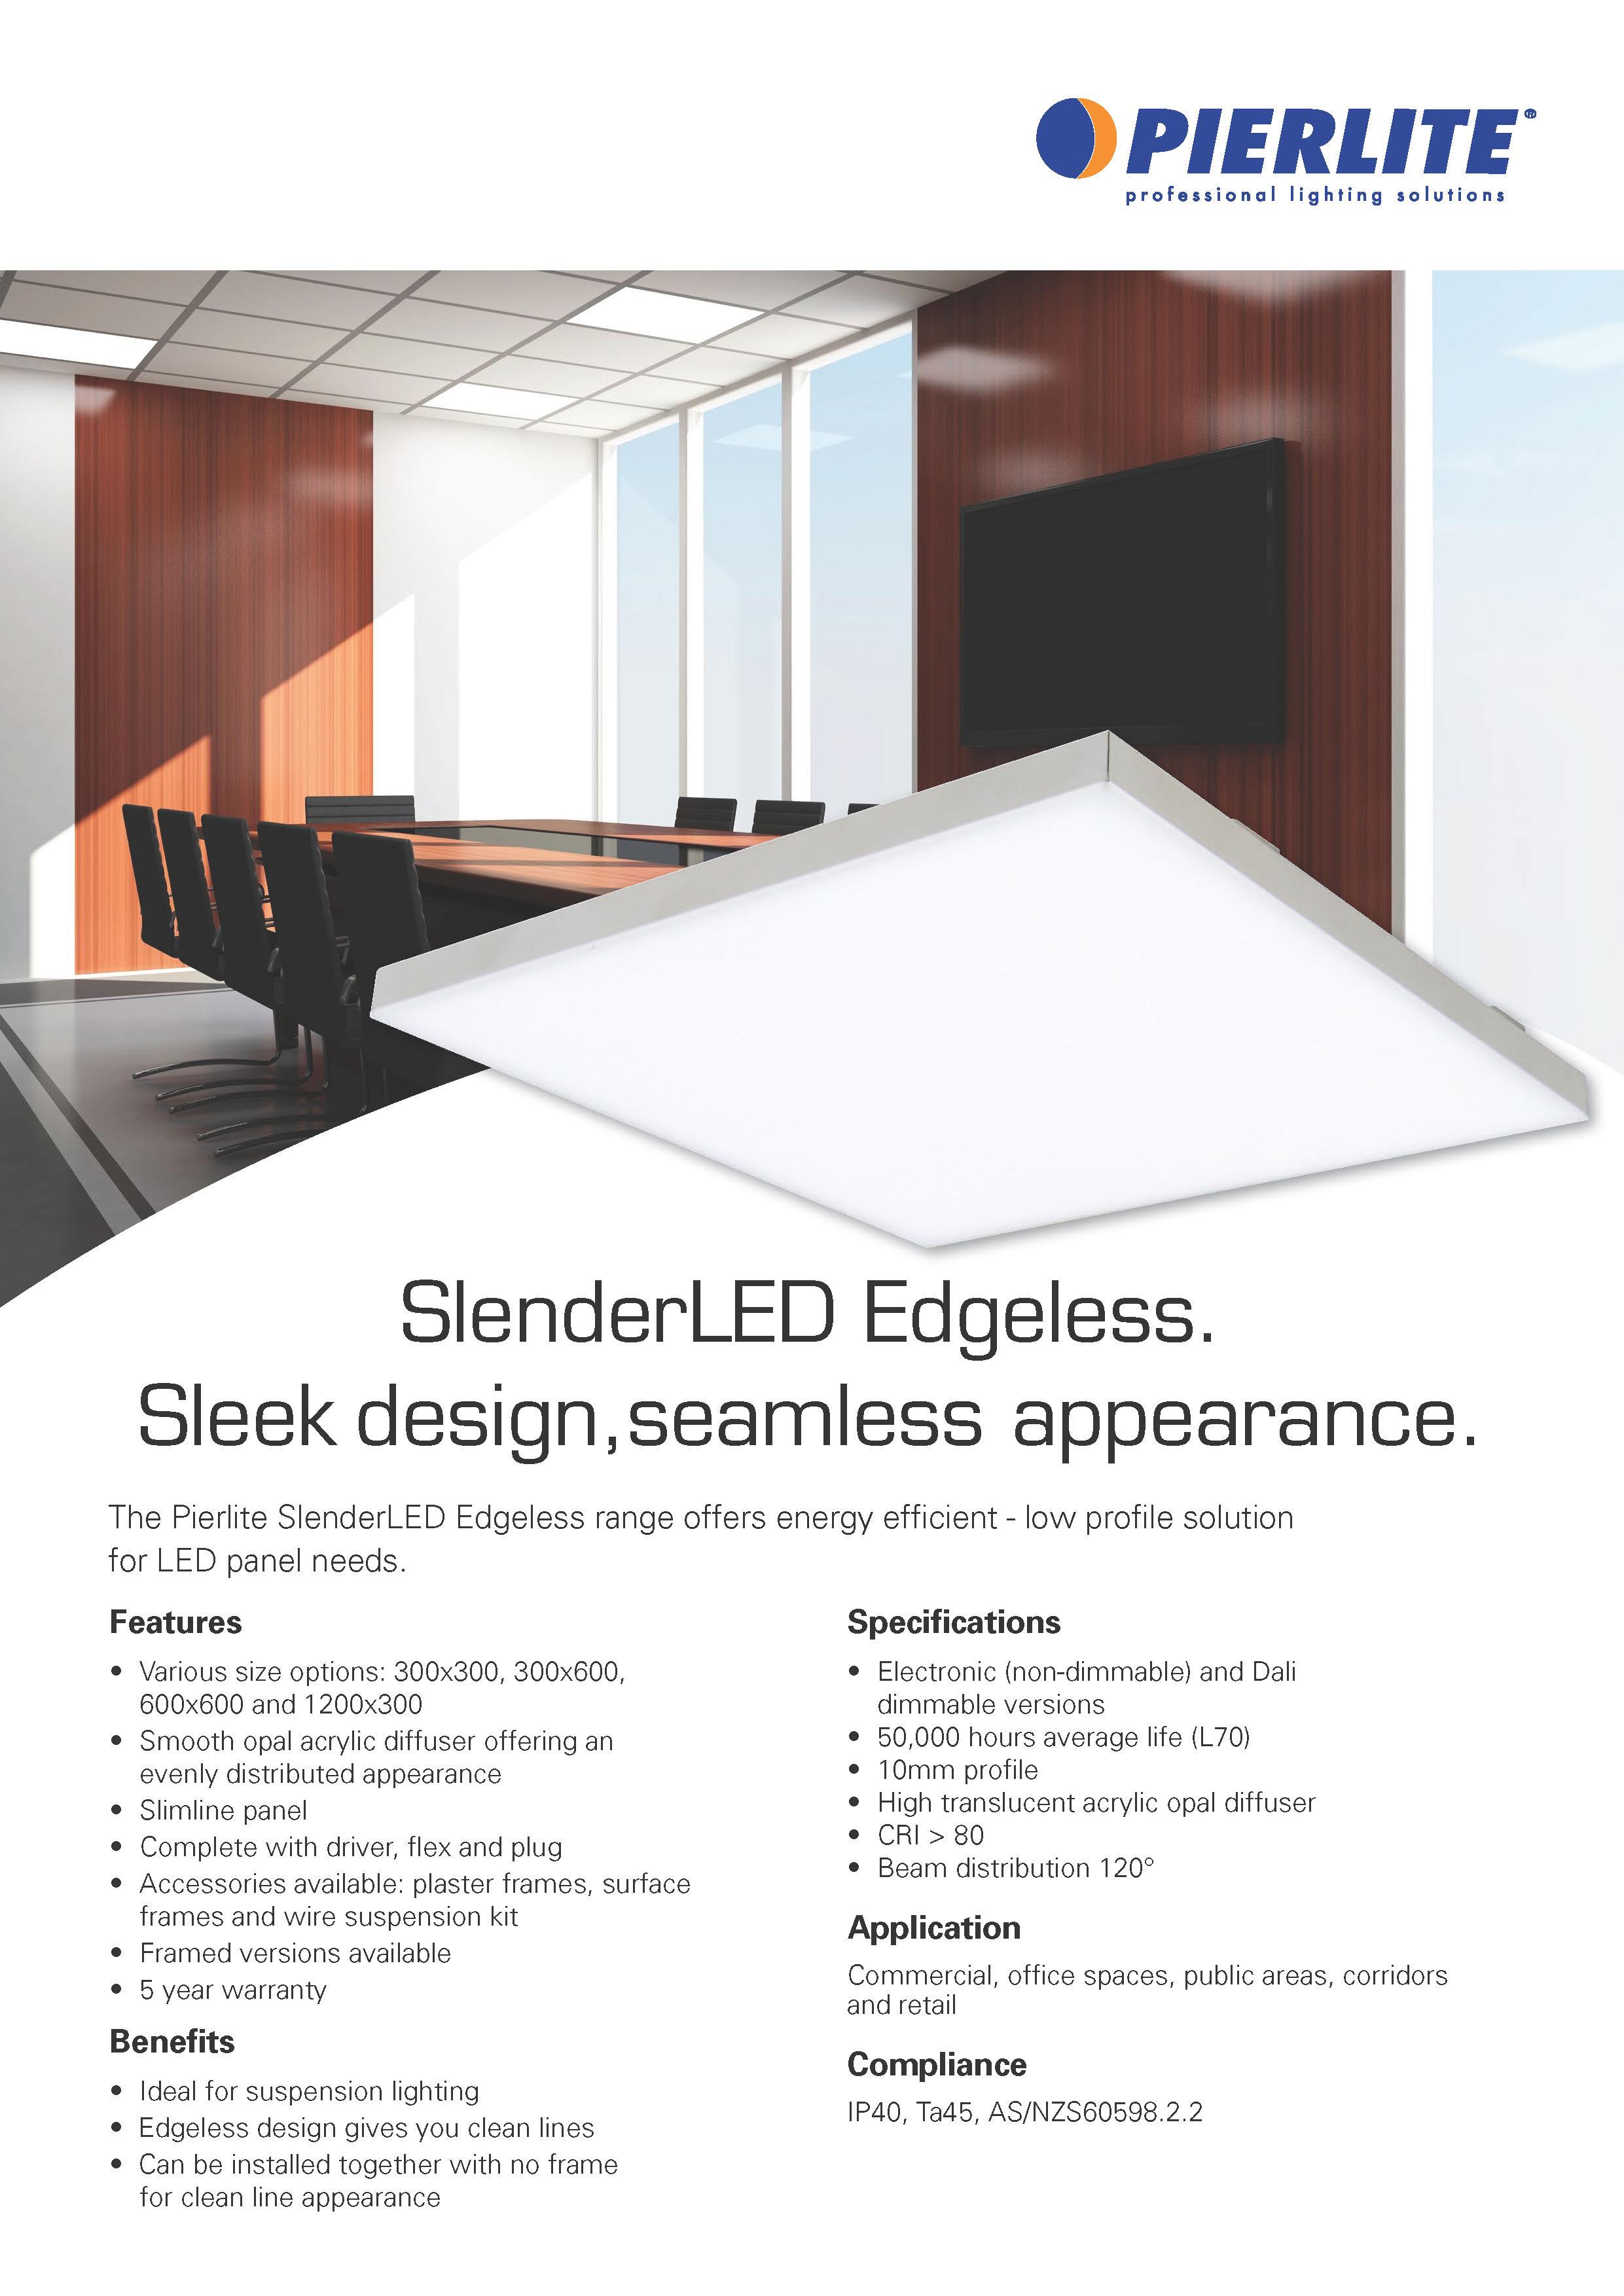 SlenderLED Edgeless | Gerard Lighting